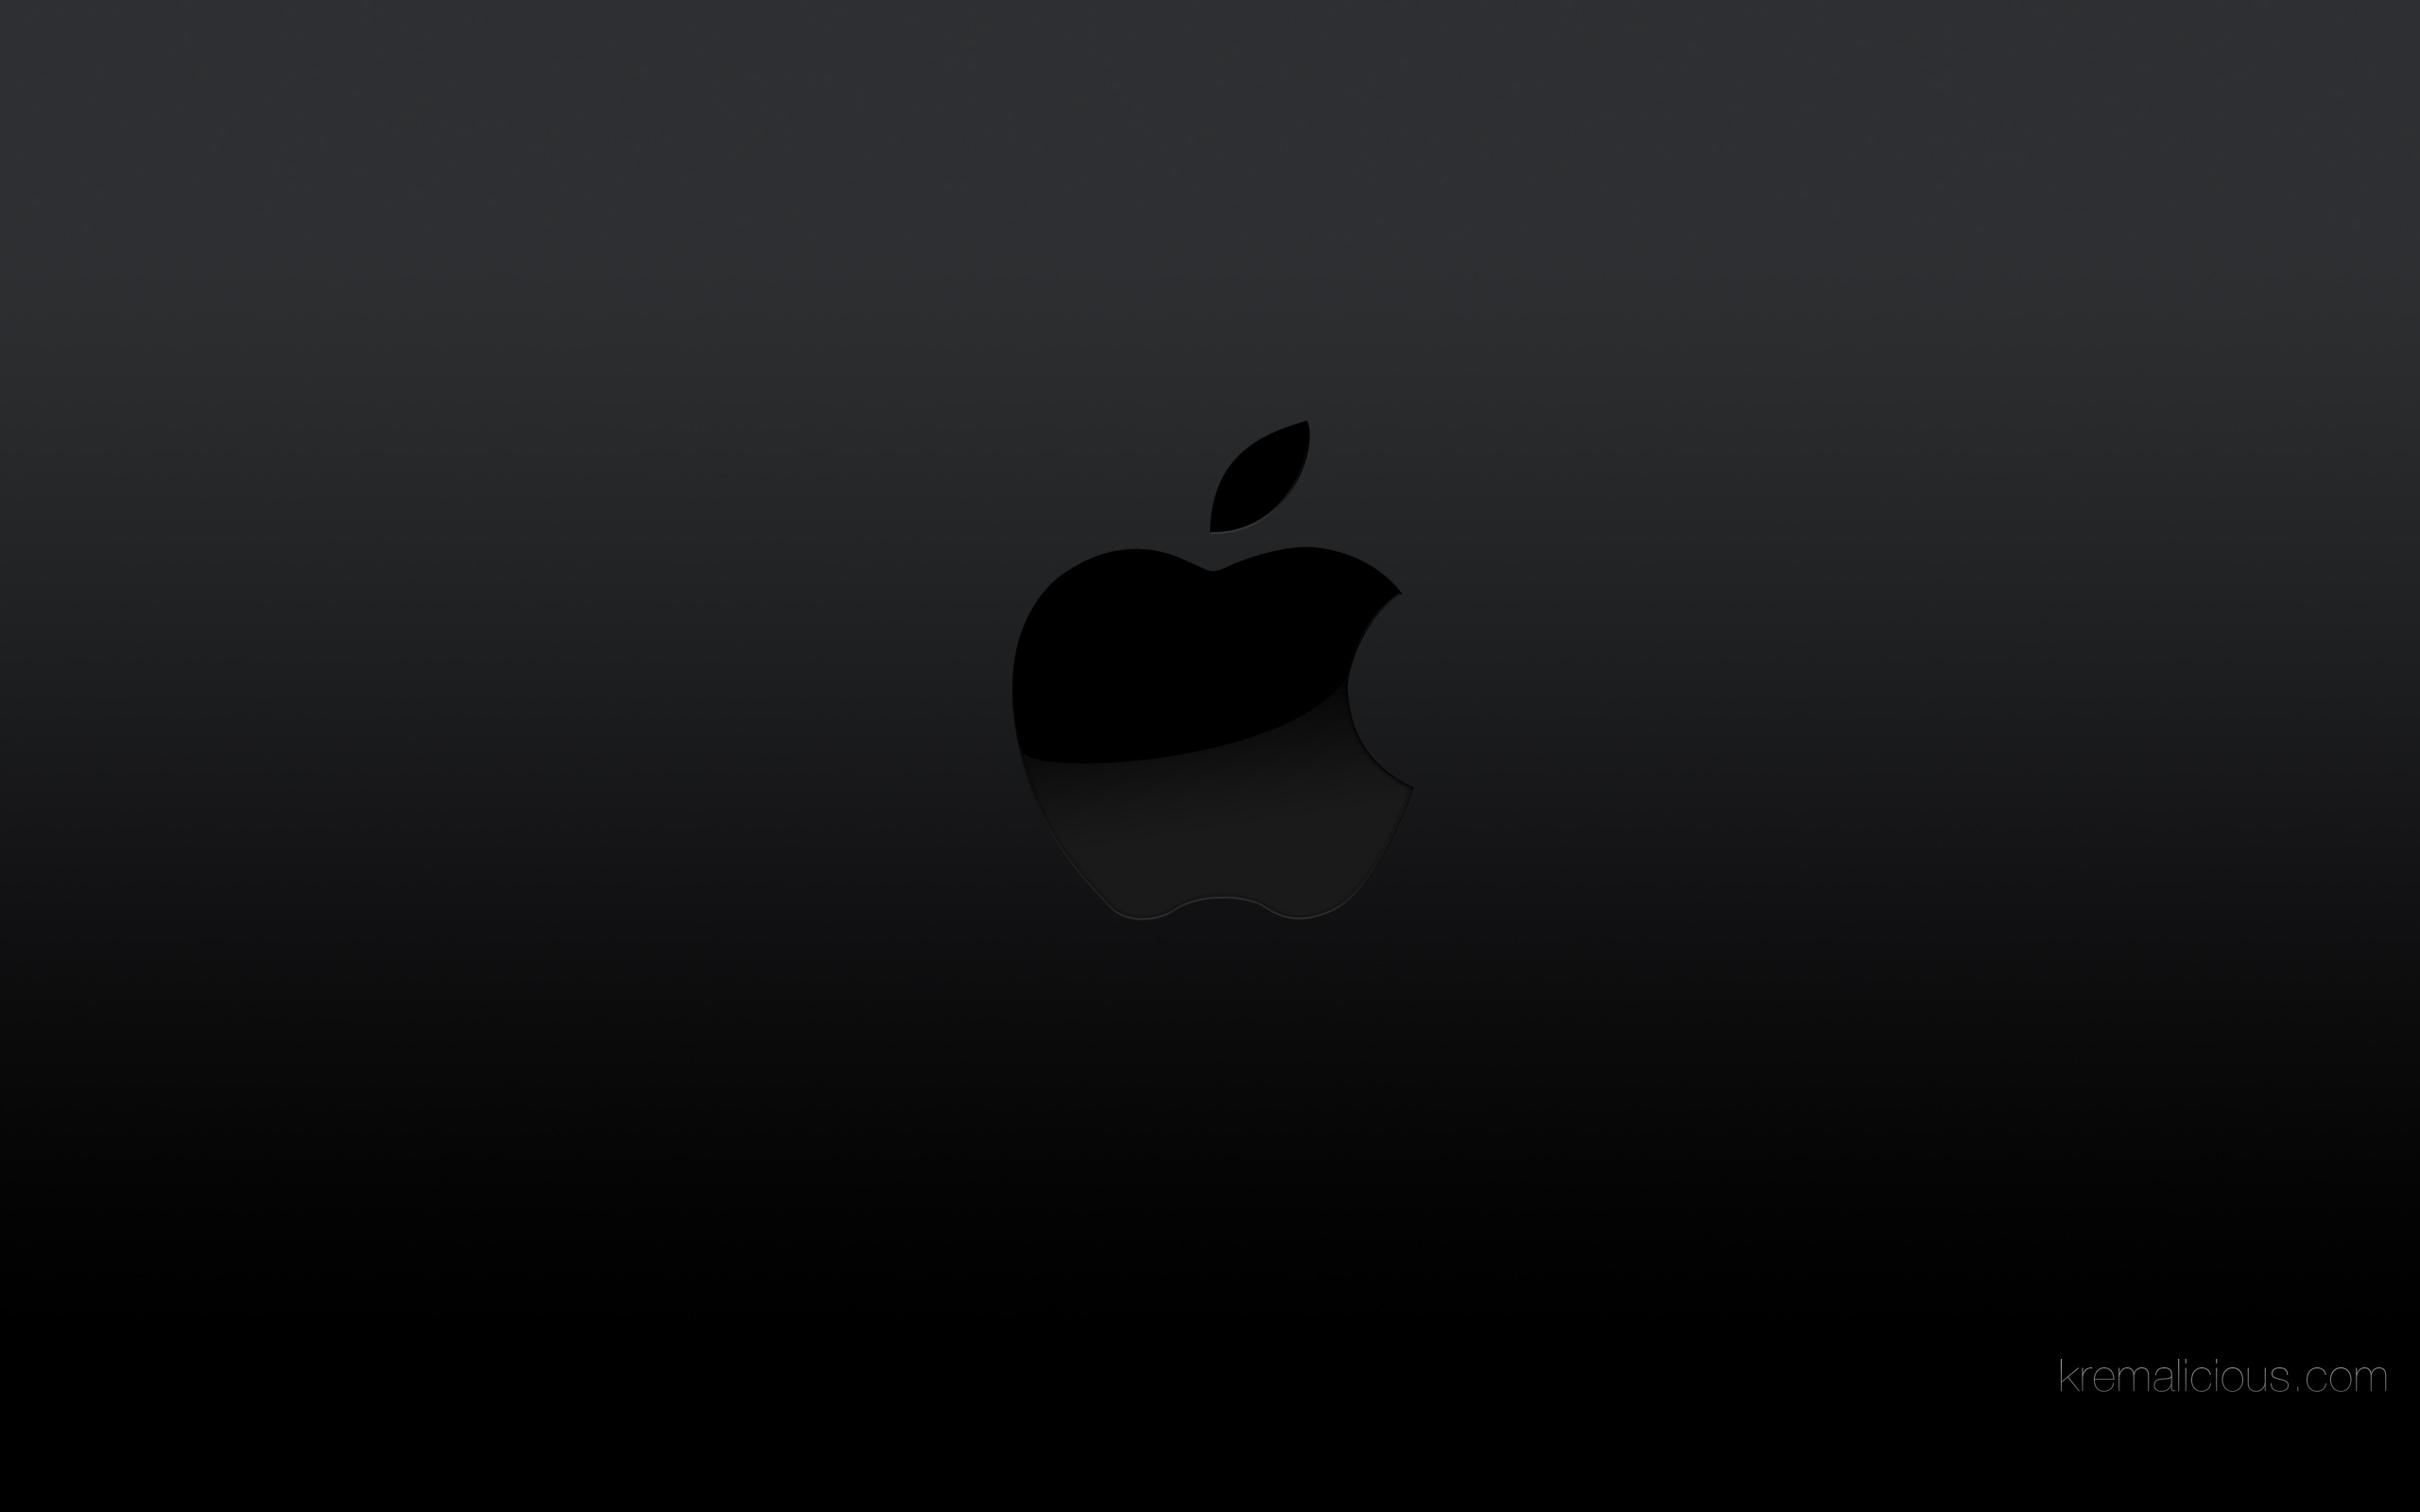 05  Apple Mac Wallpaper in Blue Background 2560x1600